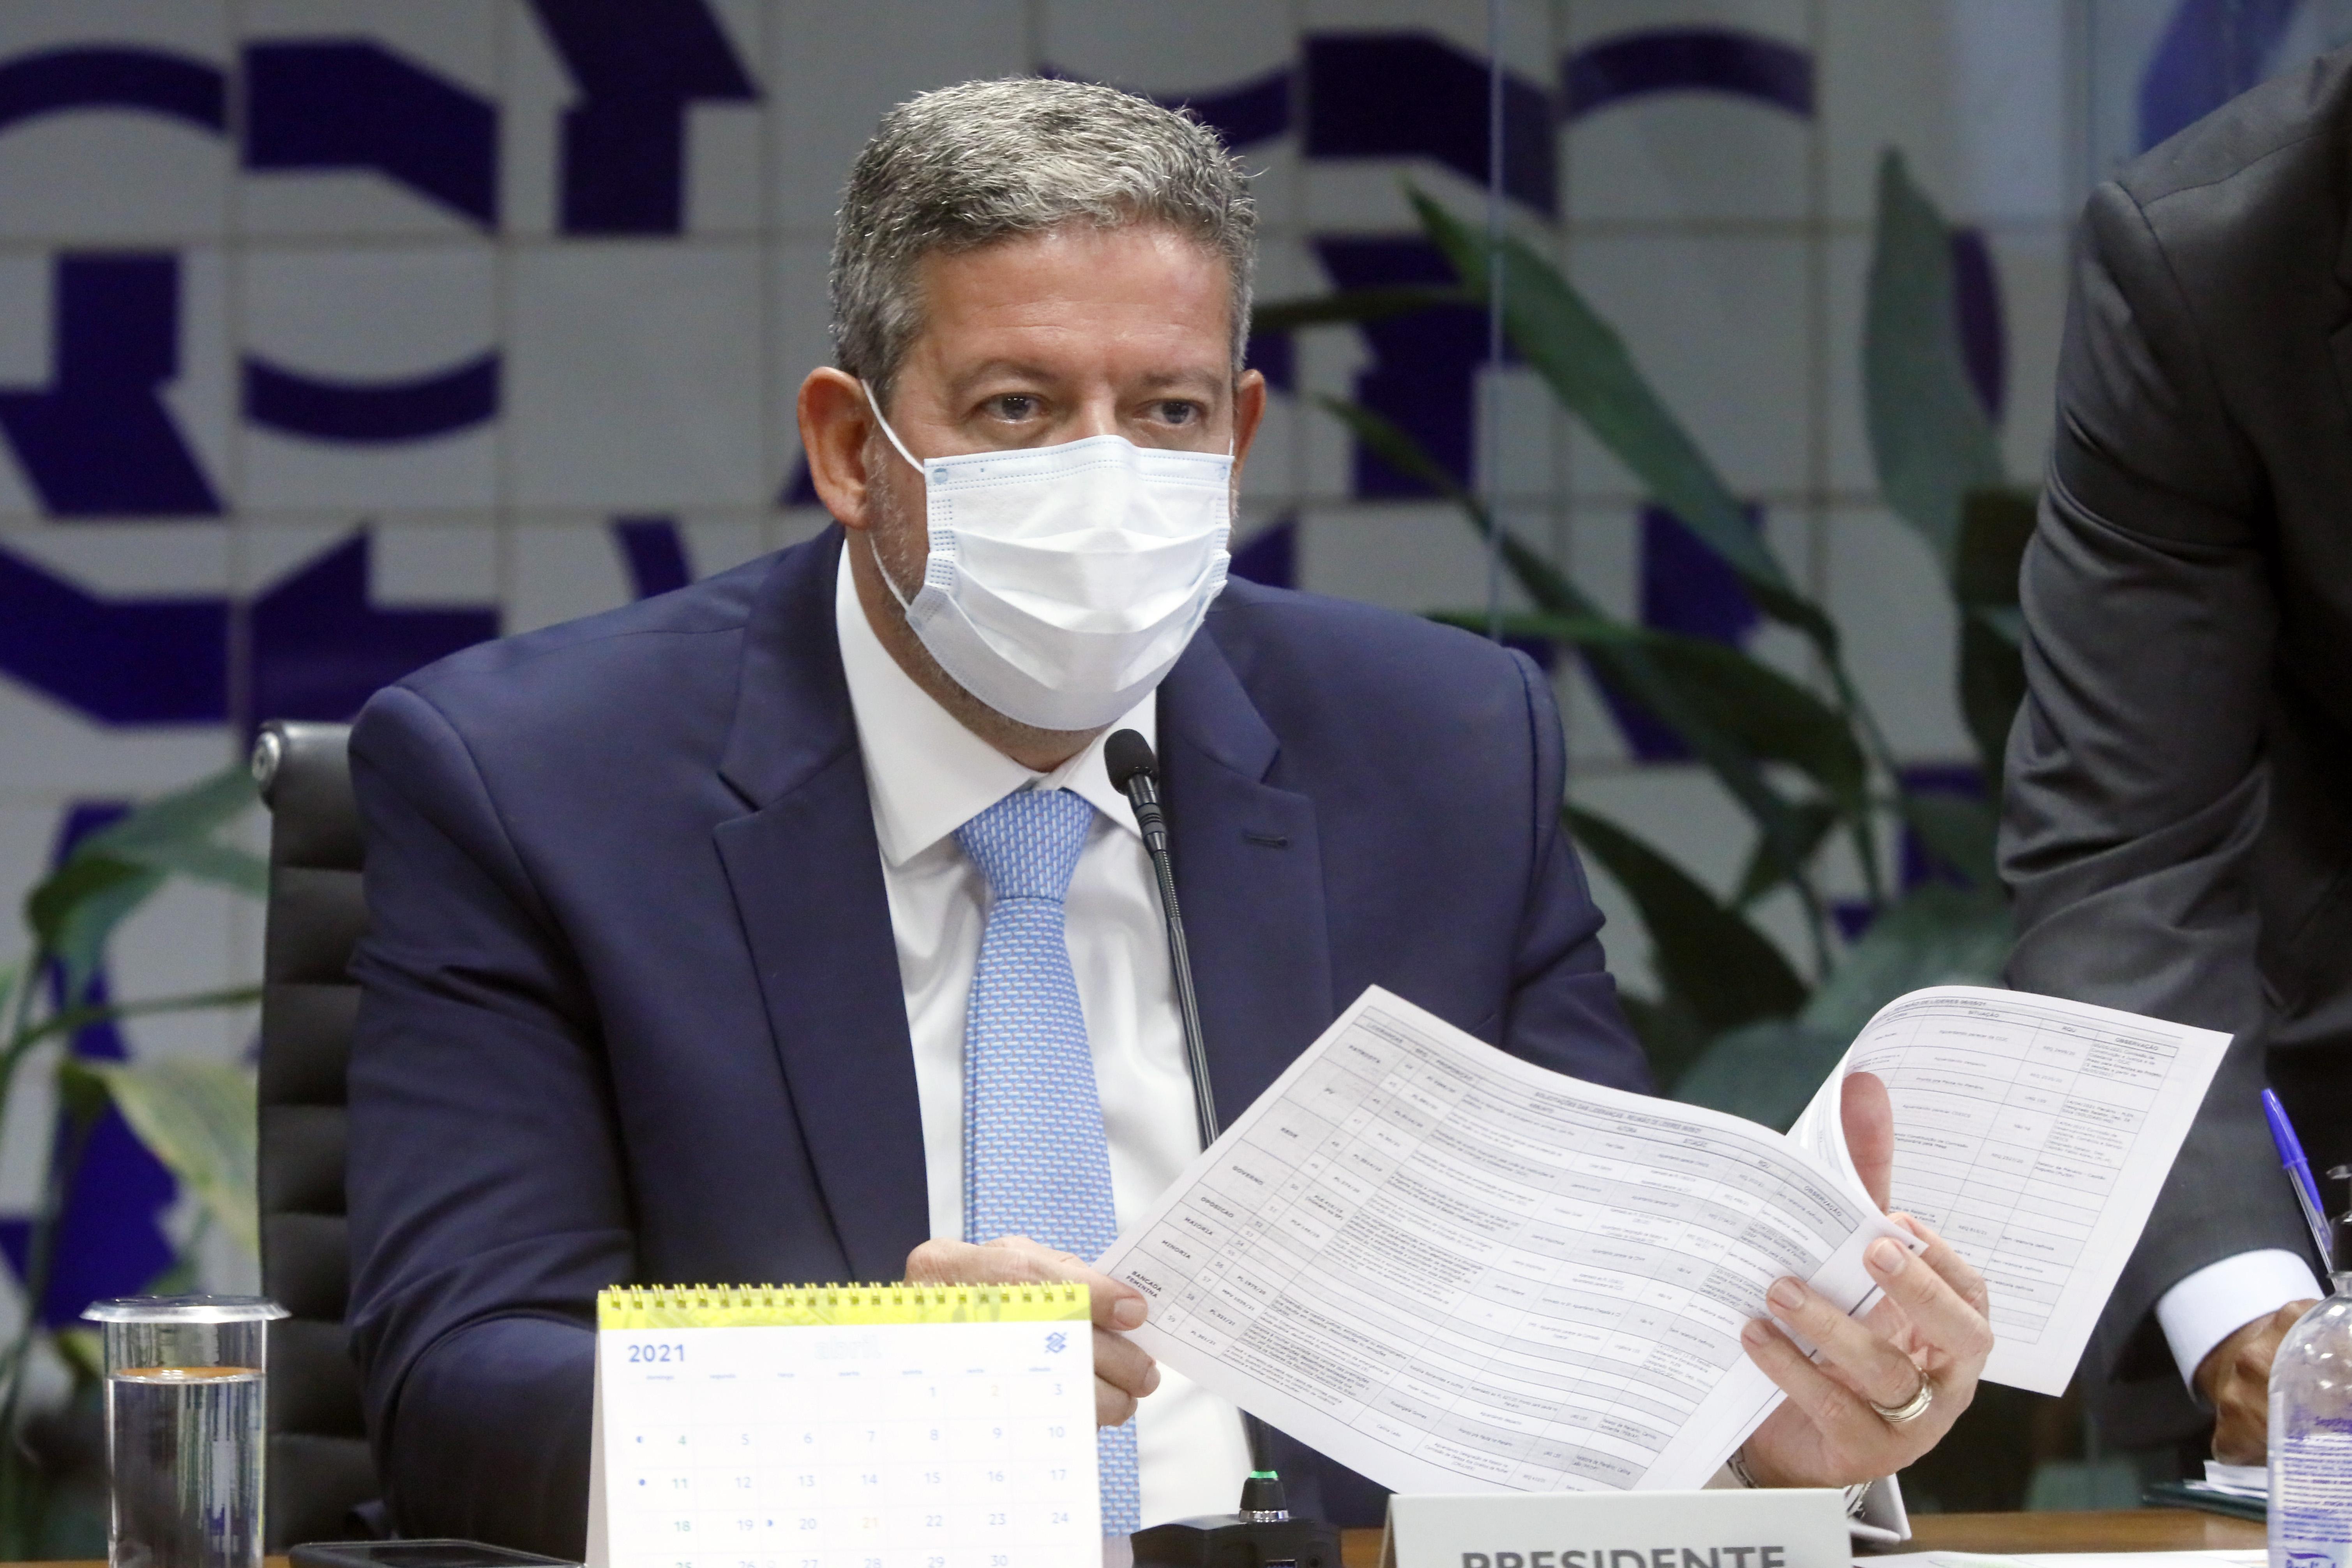 IMAGEM: Crusoé: réu por corrupção pode assumir Presidência da República